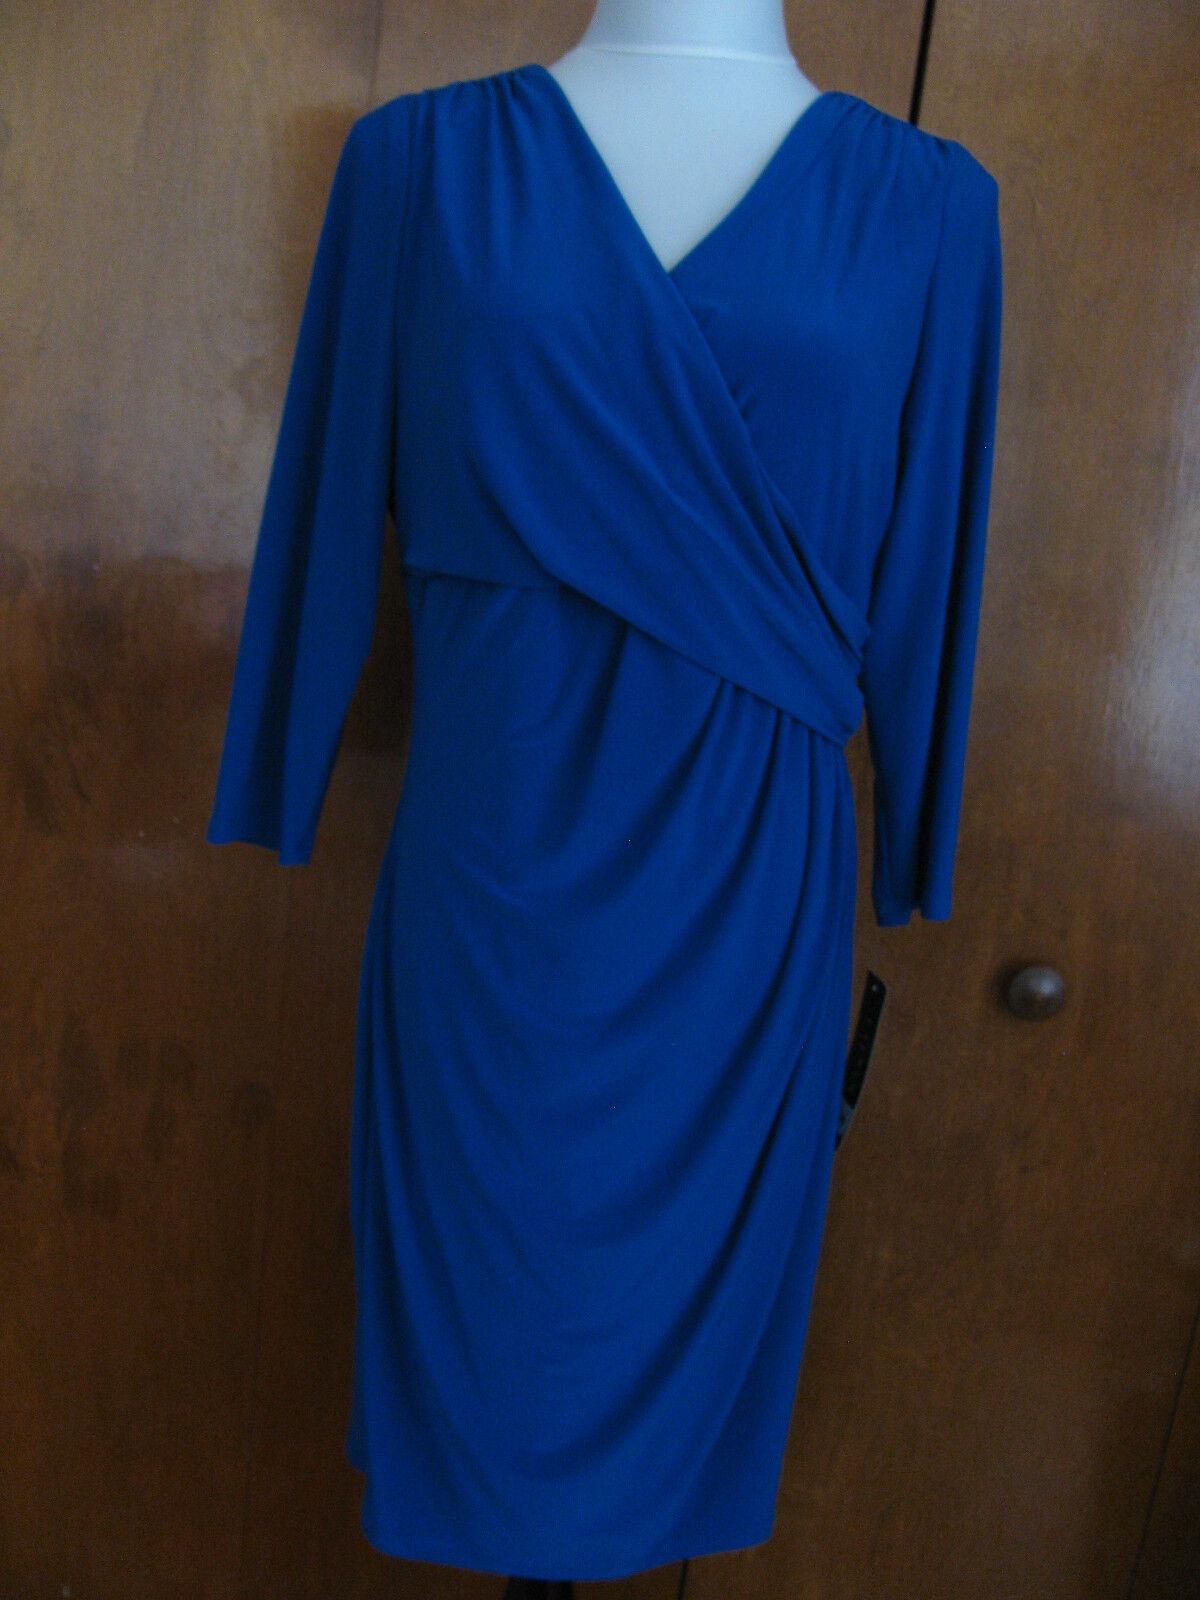 Ralph Lauren Woherren Capri Blau Faux Wrap Evening Gatherot Dress 2P 4P 14P 16P